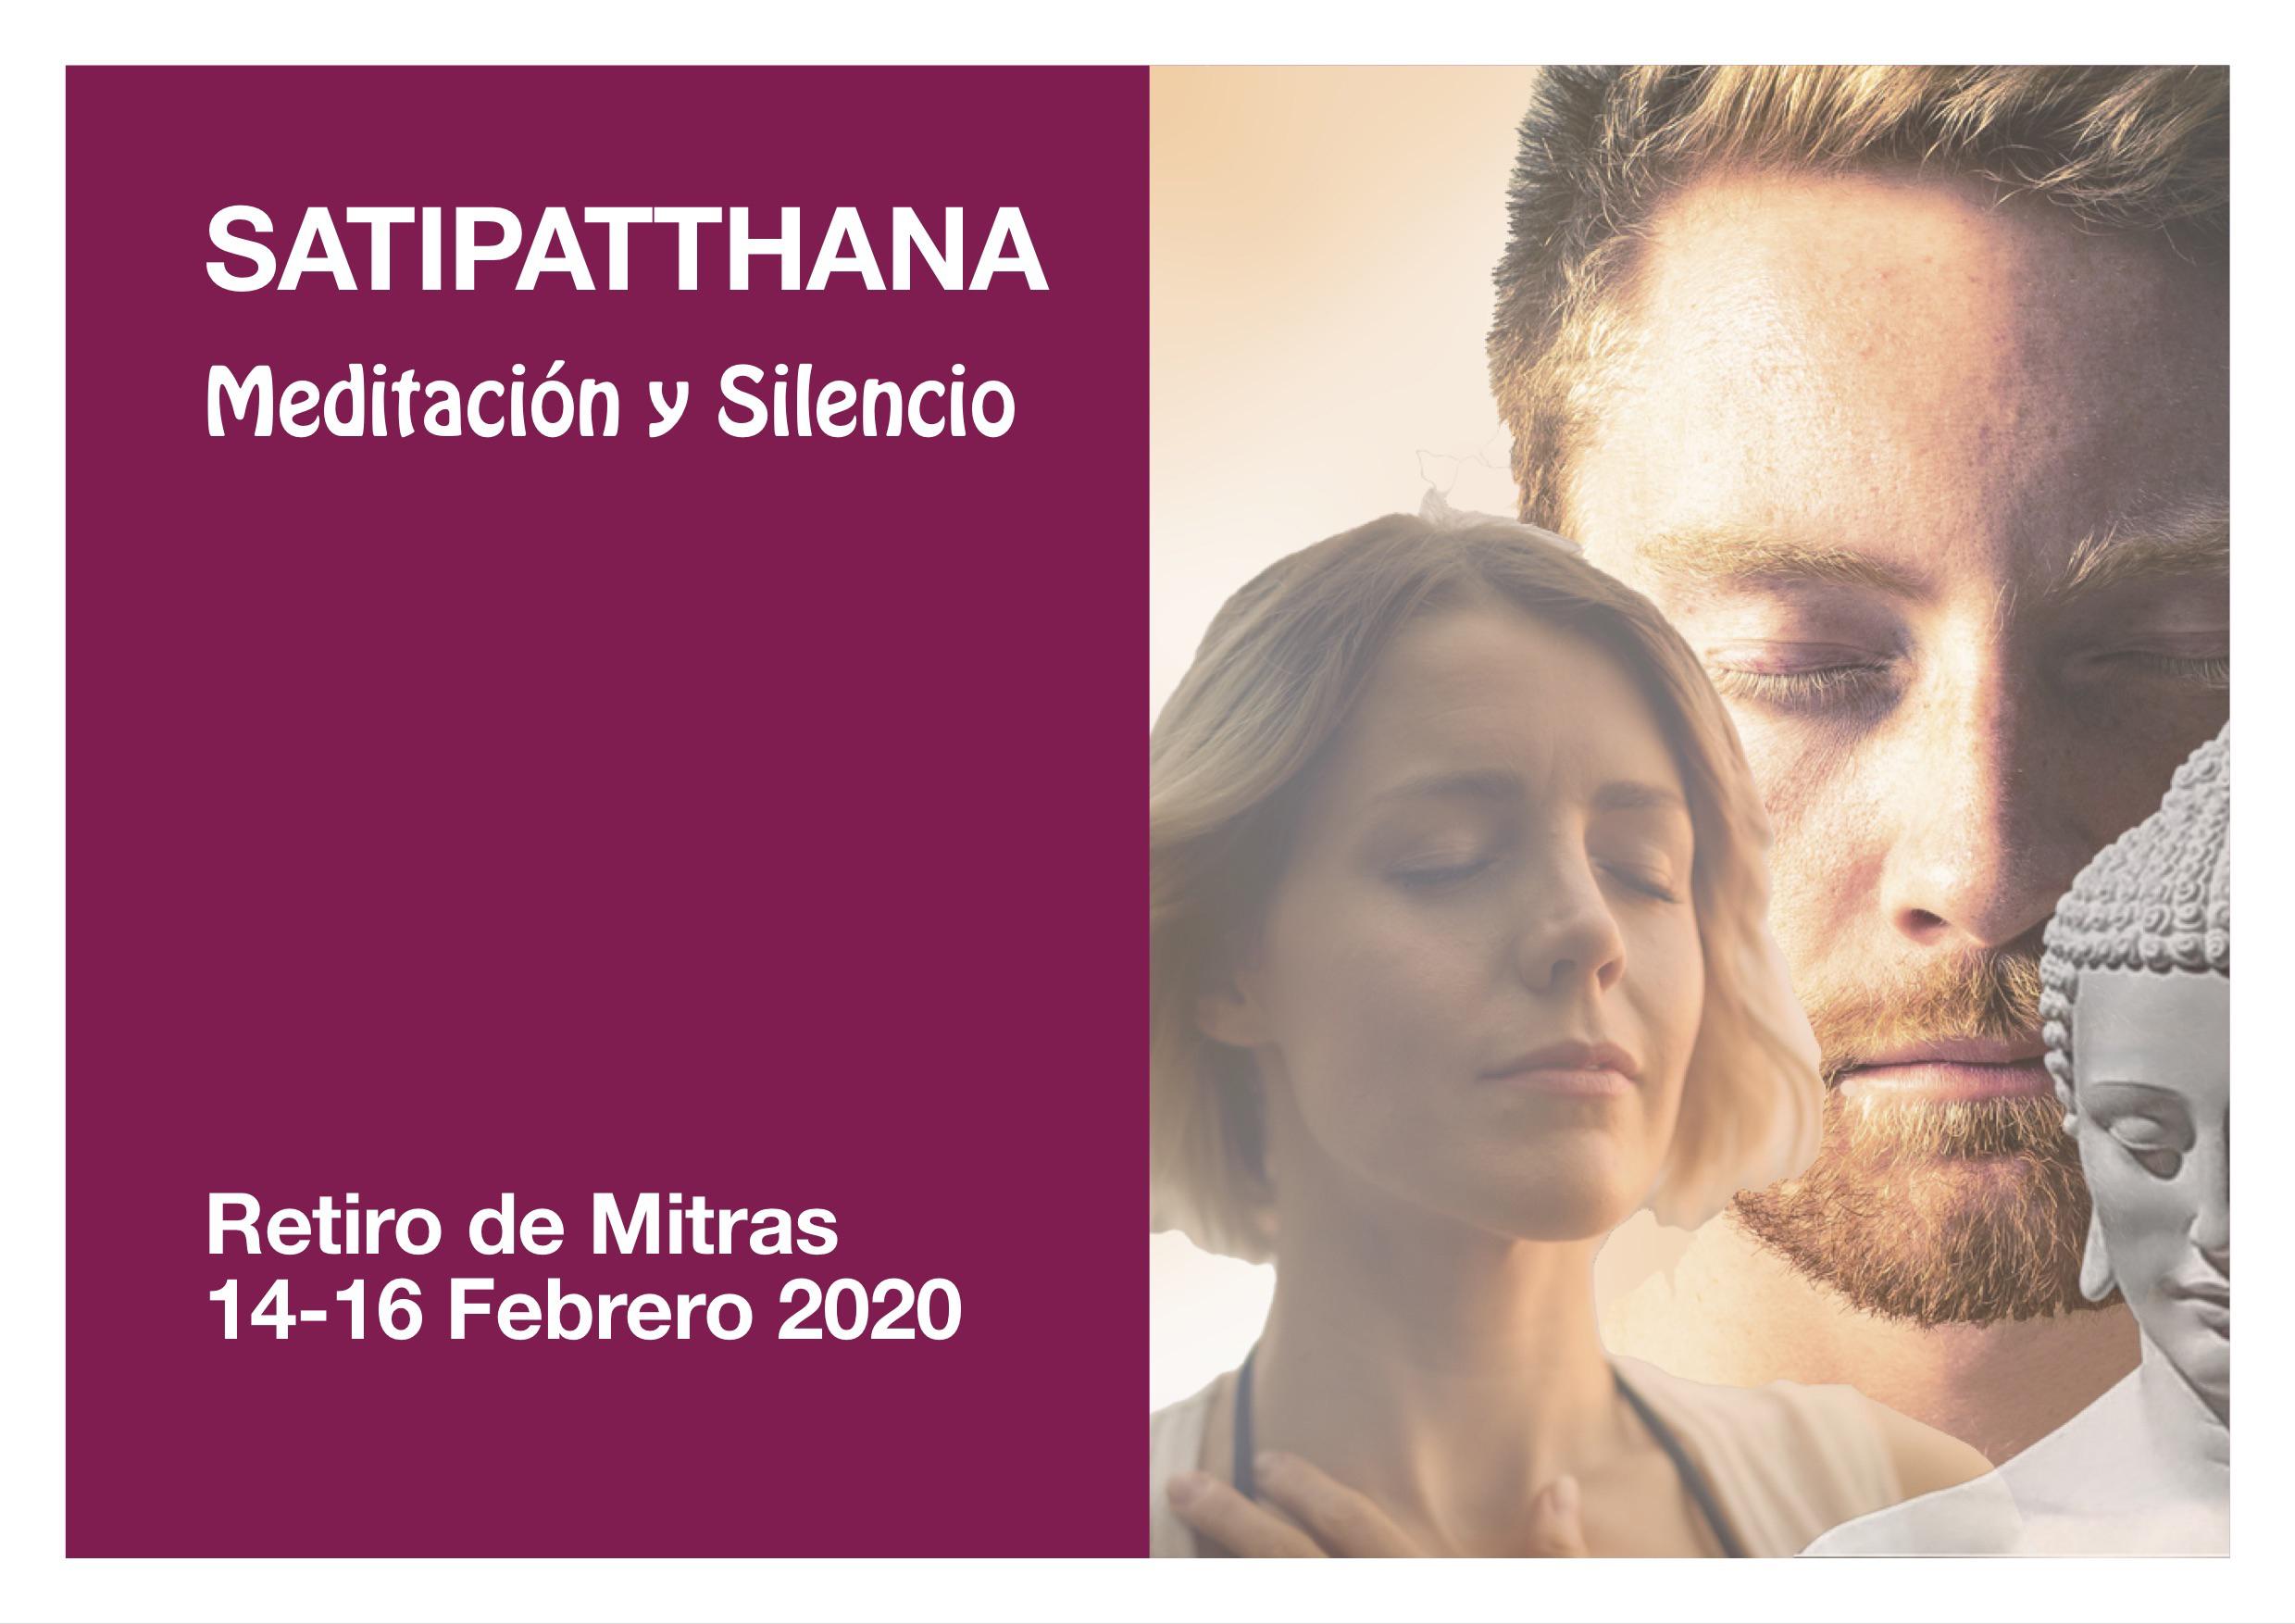 SATIPATTHANA Meditación y Silencio